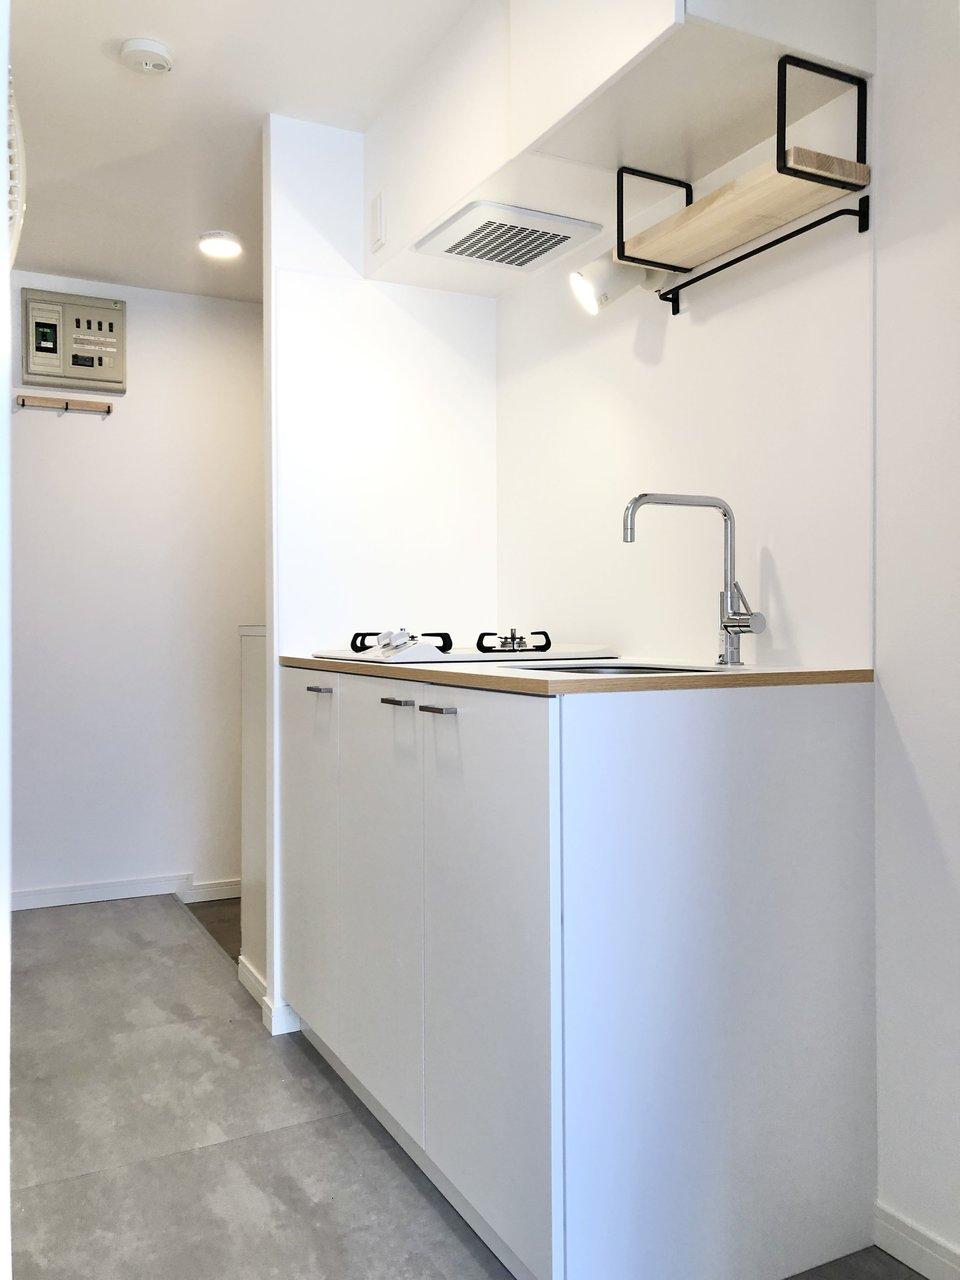 清潔感あるホワイトのキッチンは、TOMOSオリジナルのデザイン。ブラケット棚には食器やスパイスを置けます。